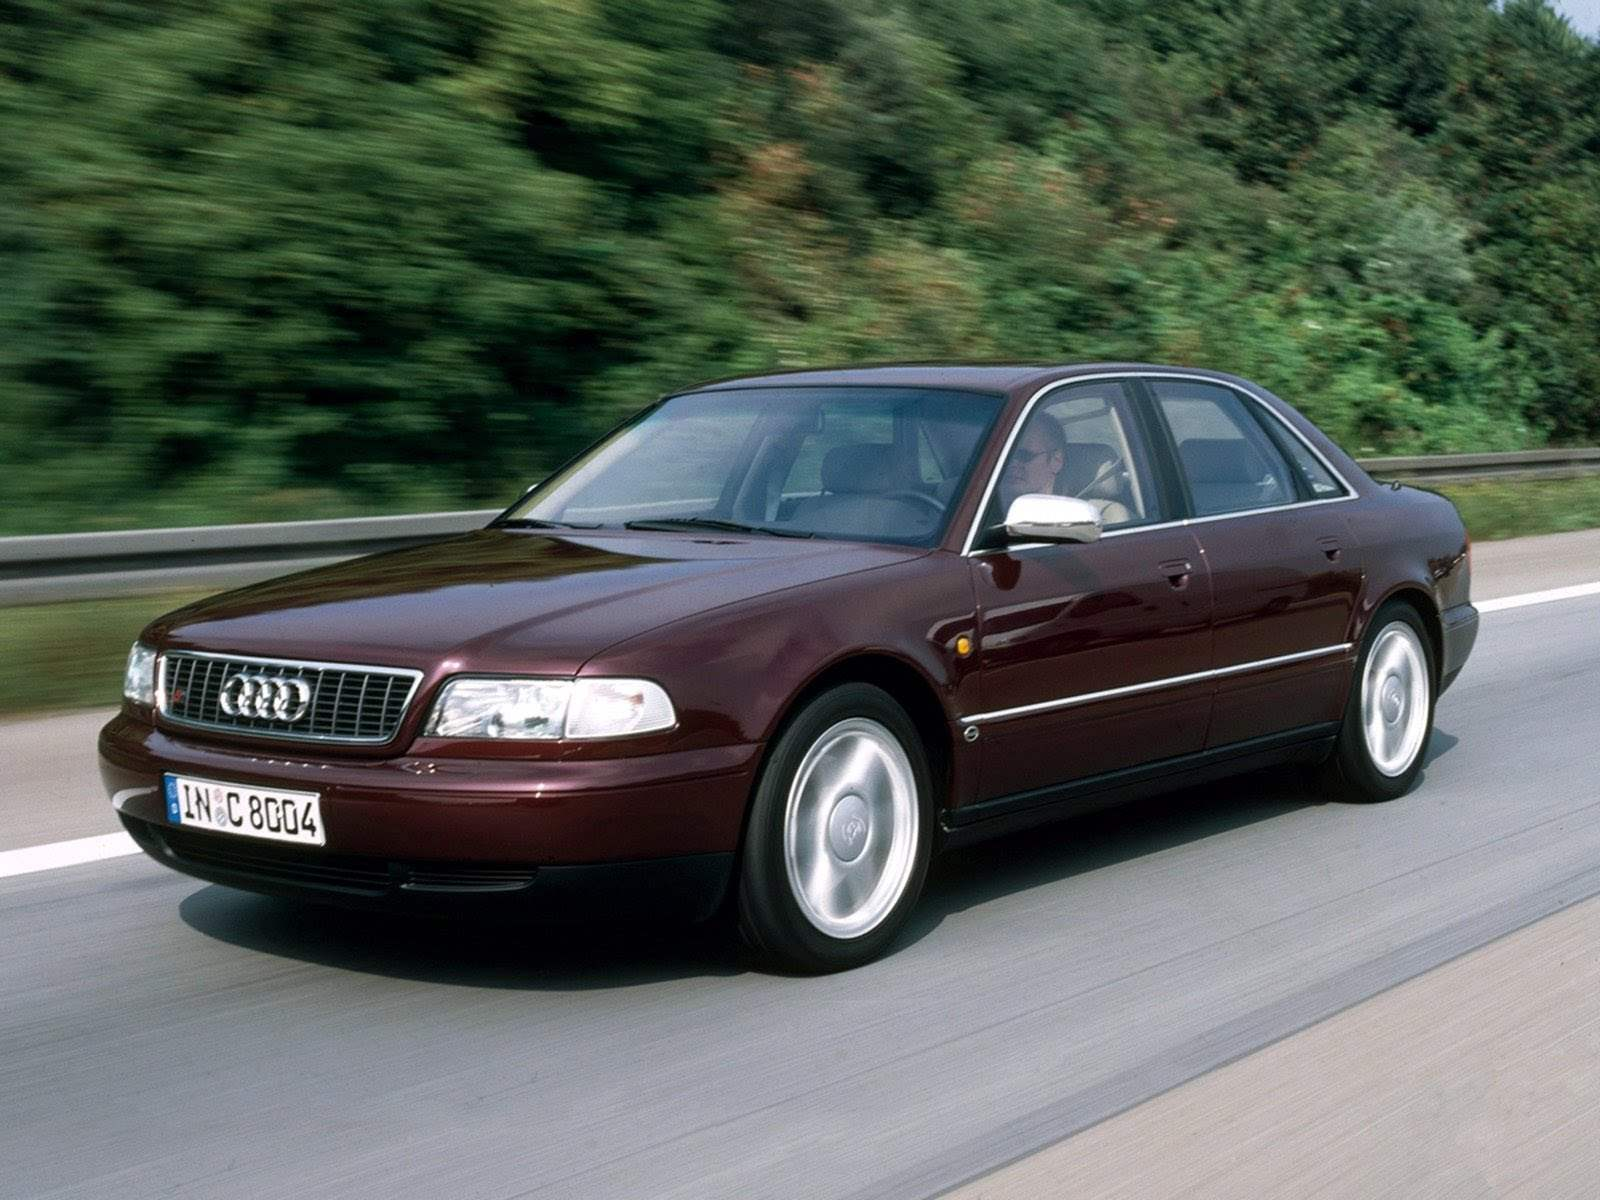 AUDI A8/S8 выпуска 1997 года — ближайший предшественник представительского автомобиля AUDI А8 L QUATTRO 6,0